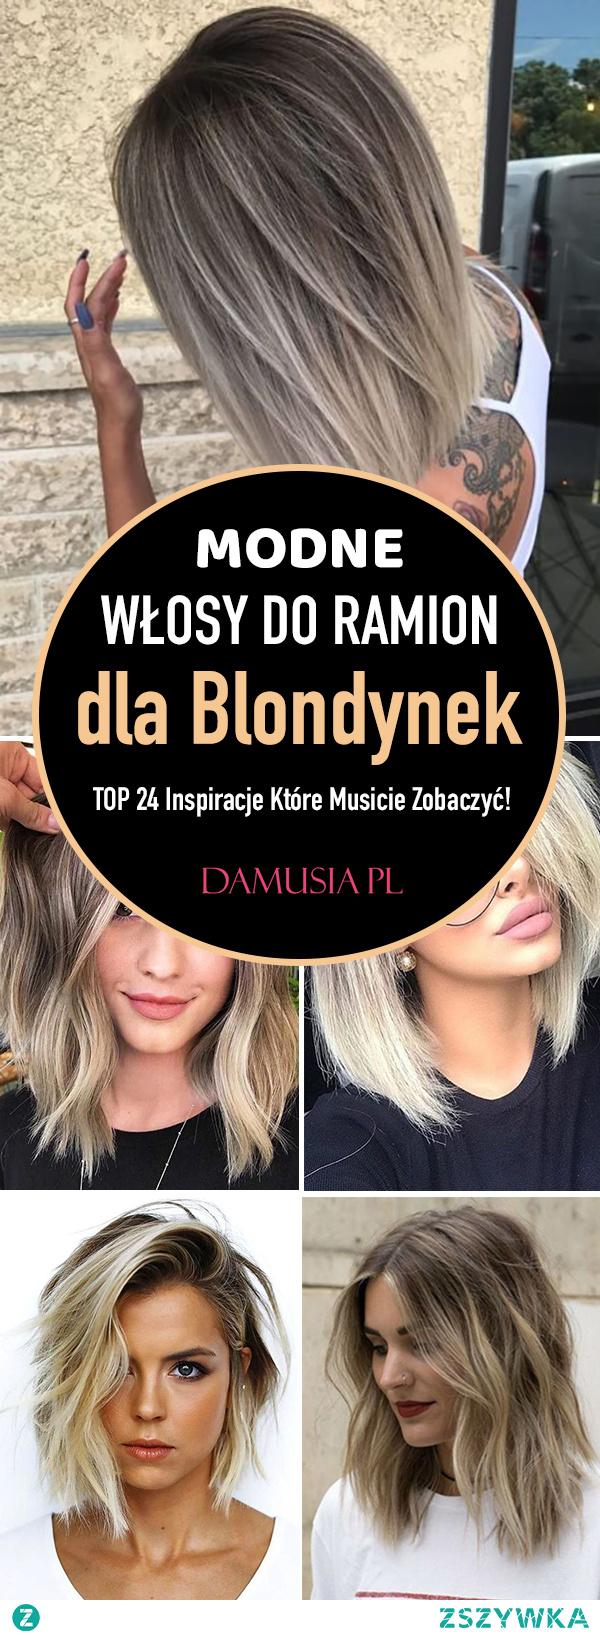 Modne Włosy do Ramion dla Blondynek – TOP 24 Inspiracje Które Musicie Zobaczyć!